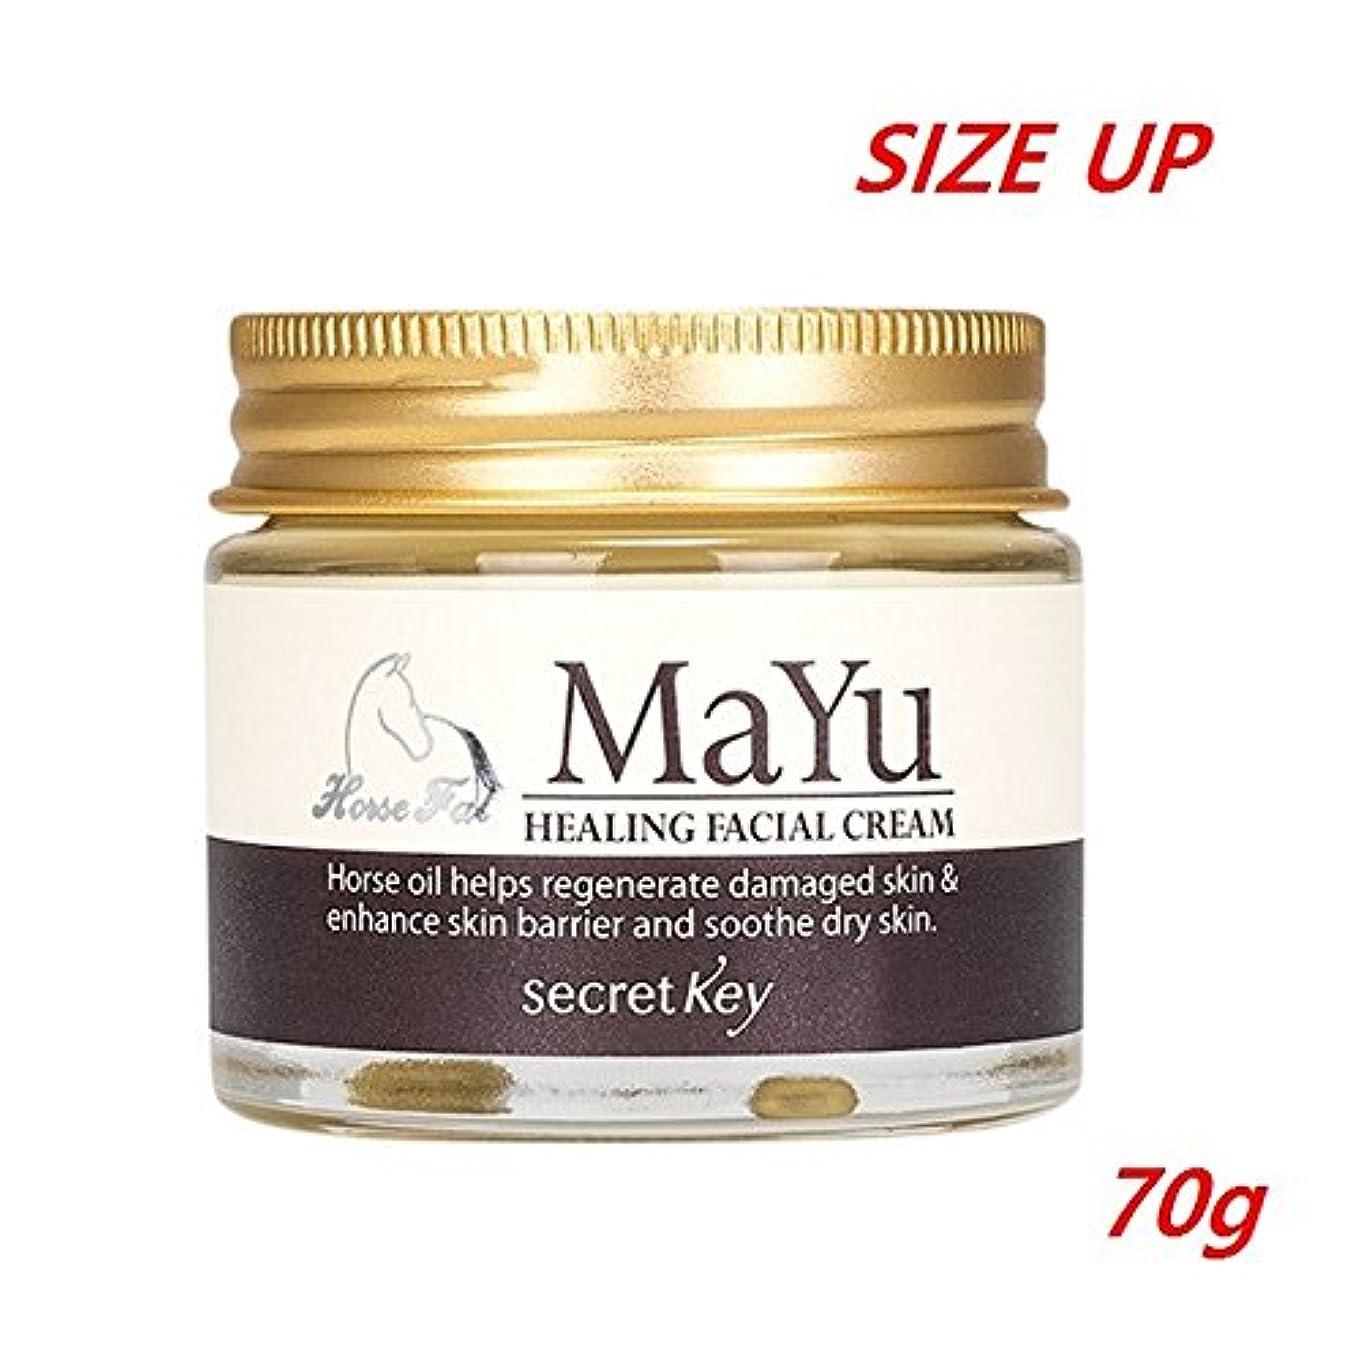 添加剤容量説得力のあるシークレットキー 馬油 ヒーリング フェイシャル クリーム/Secret Key Mayu Healing Facial Cream 70g Size Up(50g to 70g Up Grade) [並行輸入品]